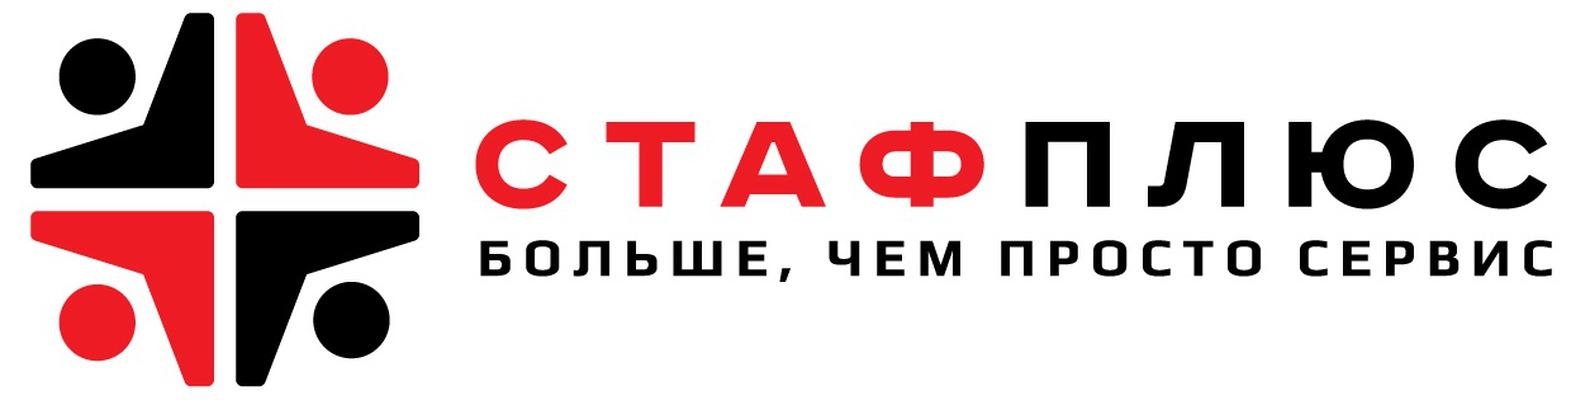 Стафплюс, ООО